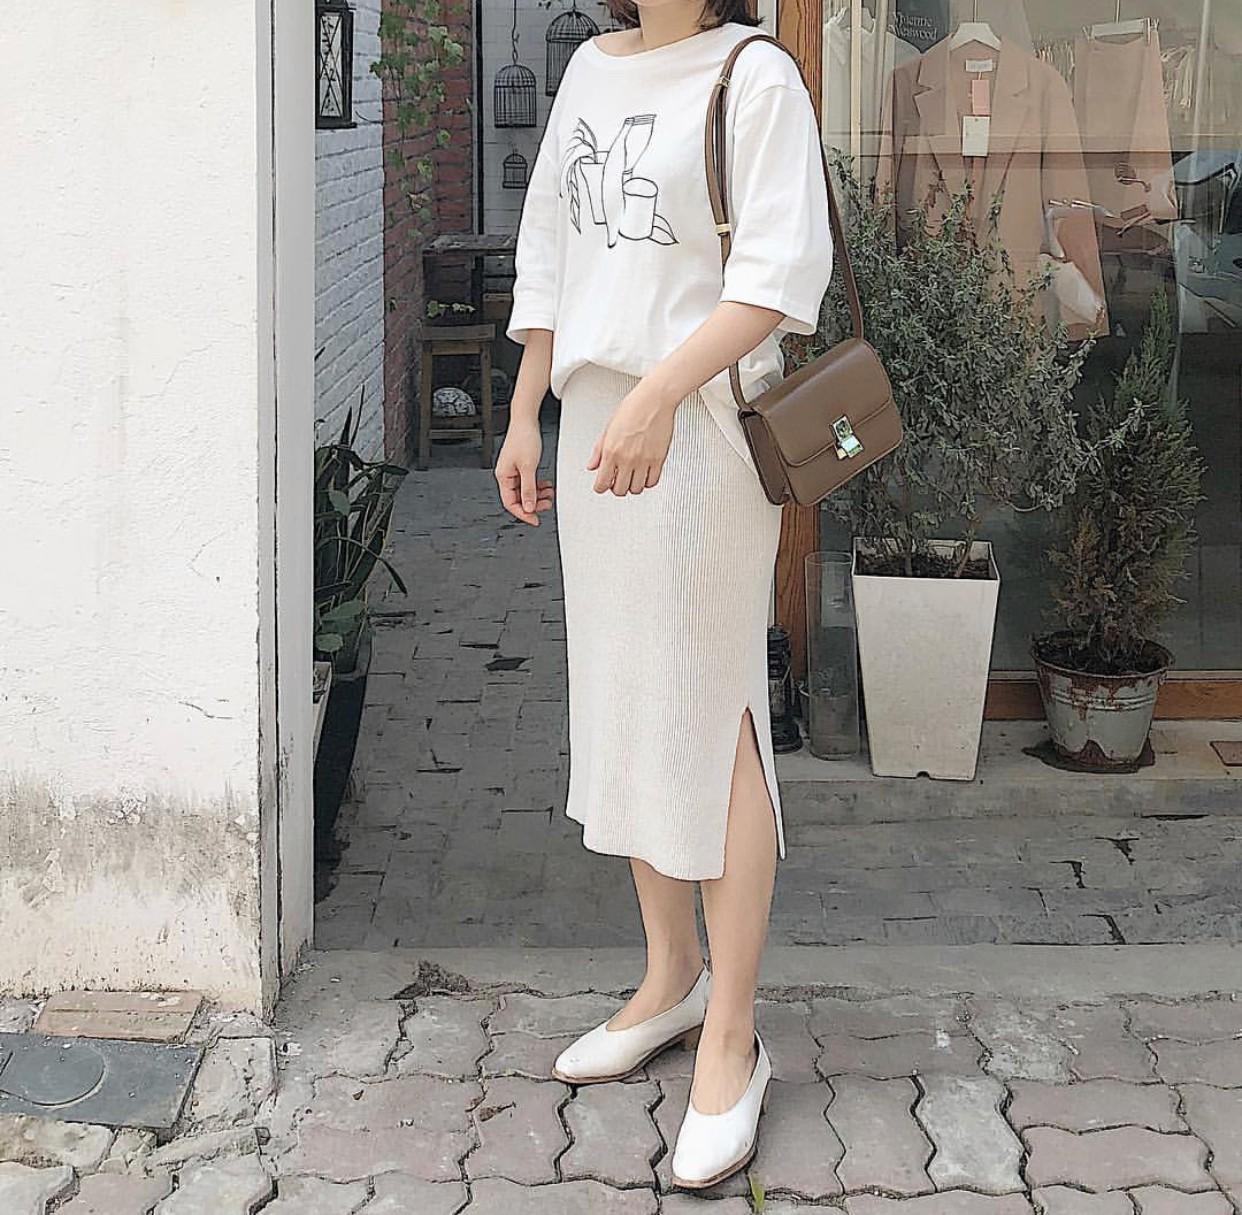 Ngoài quán cà phê, giới trẻ Việt Nam giờ còn ùn ùn đến các shop quần áo để chụp ảnh - Ảnh 15.